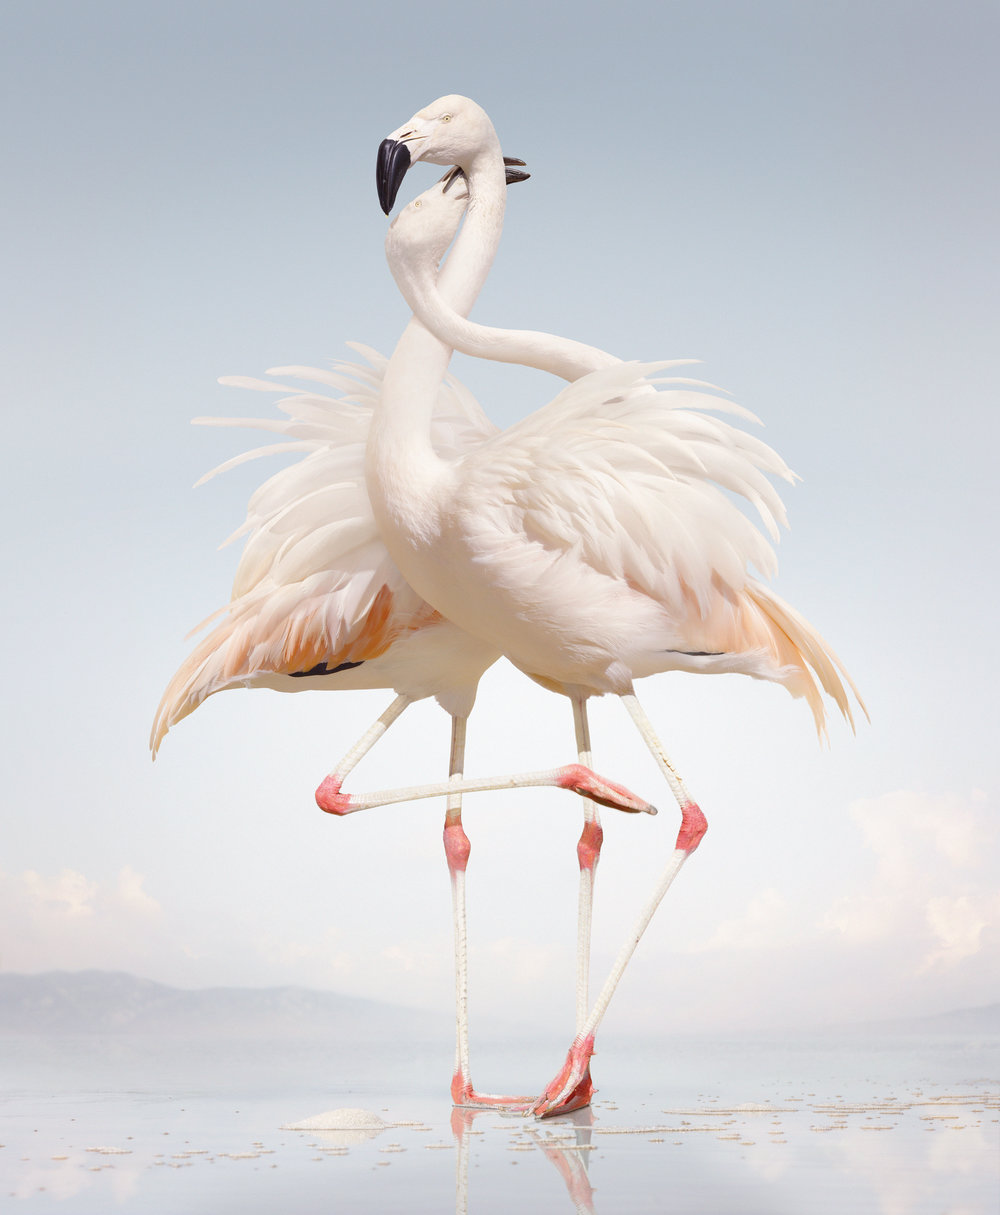 14_SJohan_#163 (Flamingo).jpg